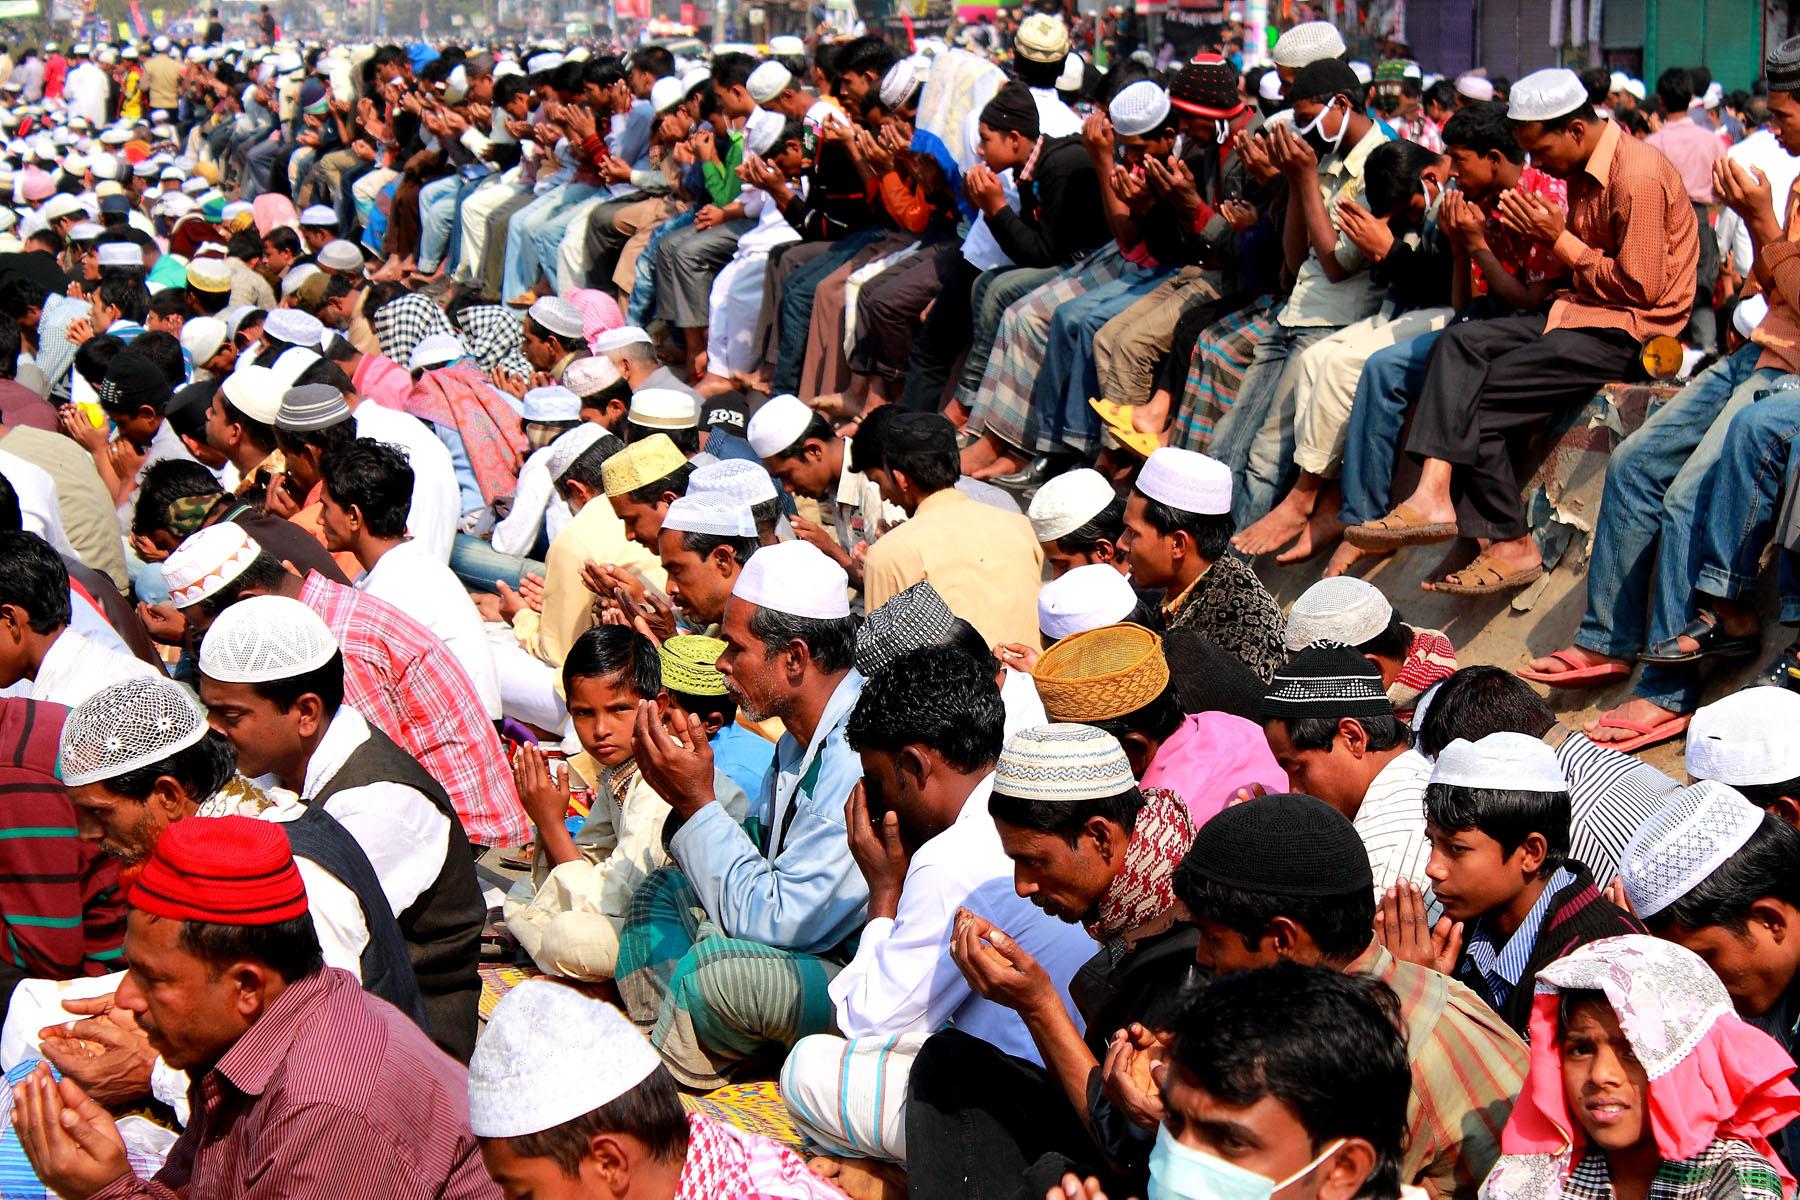 মুসলিমরা কেন শক্তিশালী হতে পারে না